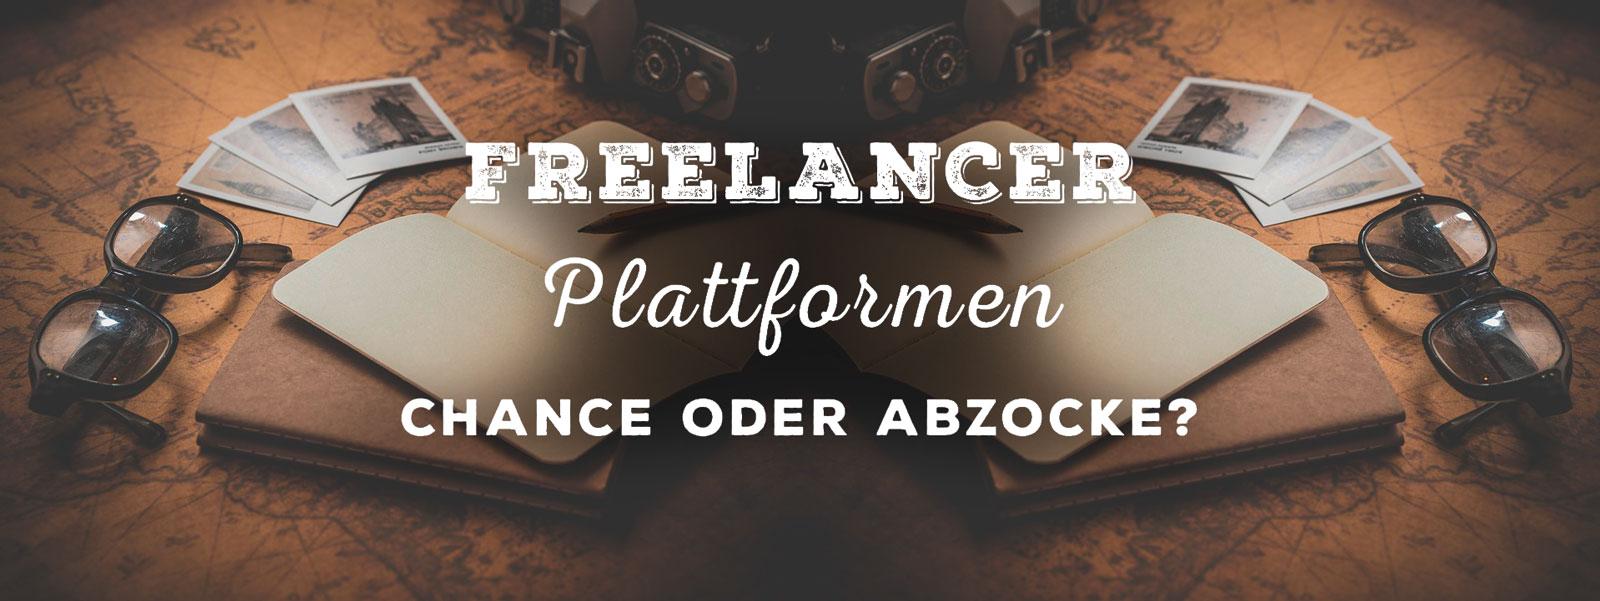 Online Freelancer Plattformen Chance Oder Abzocke Randfarben